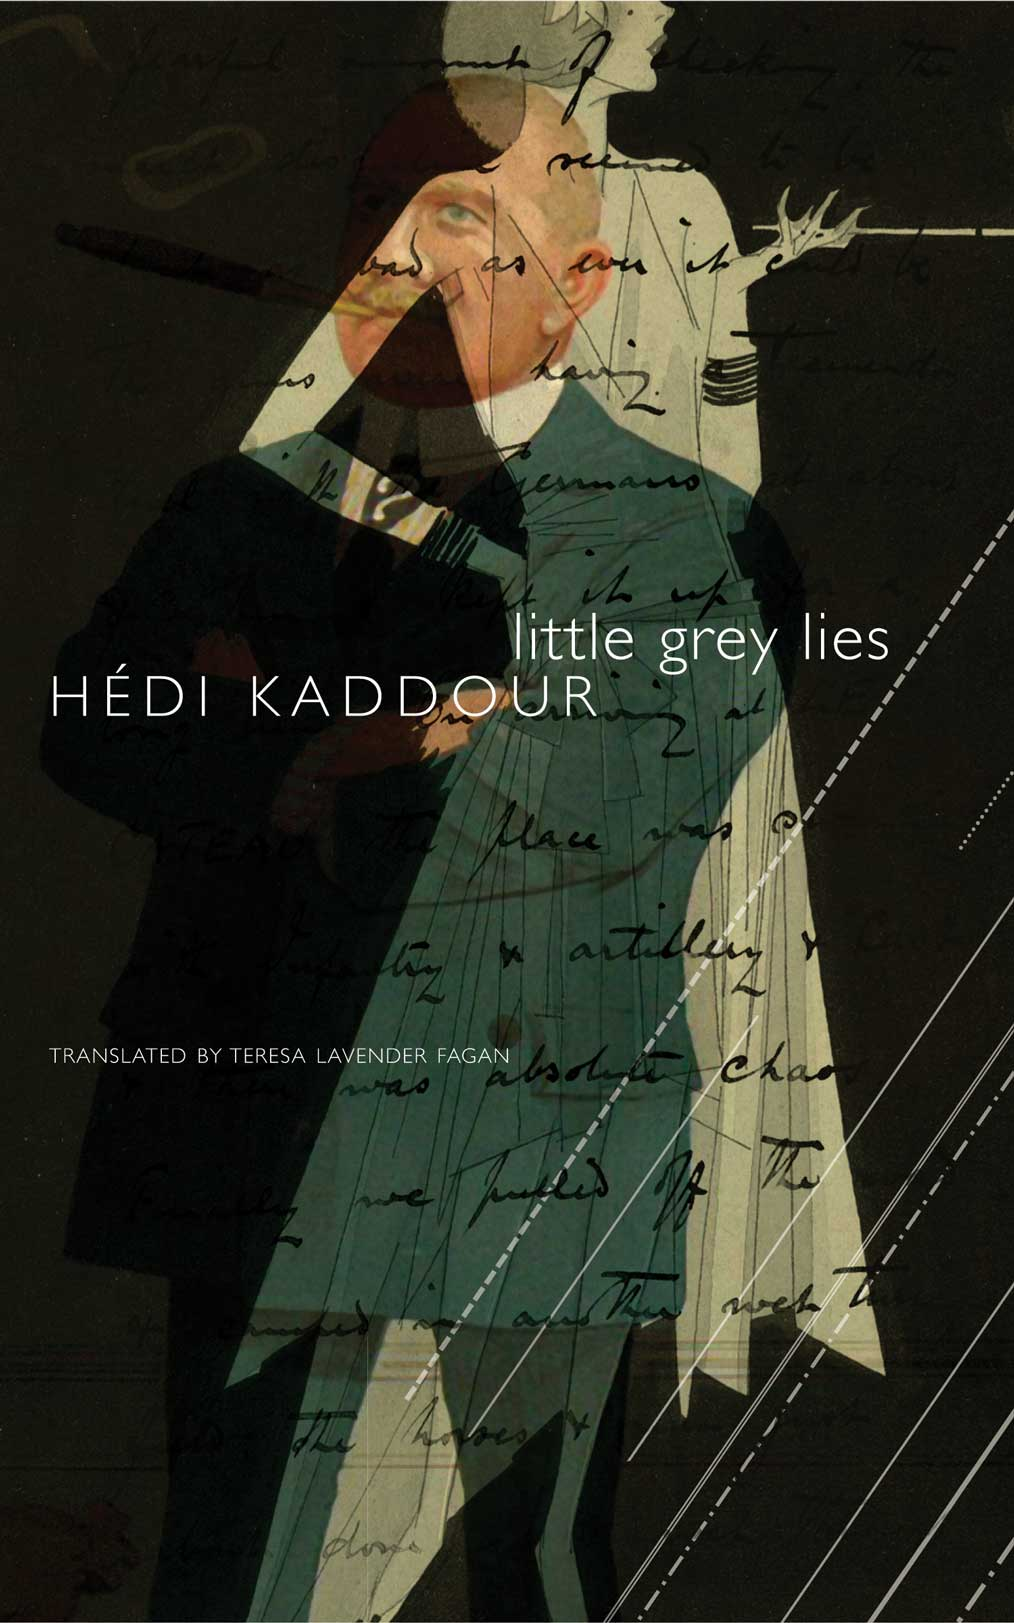 Little Grey Lies by Hédi Kaddour | Seagull Books